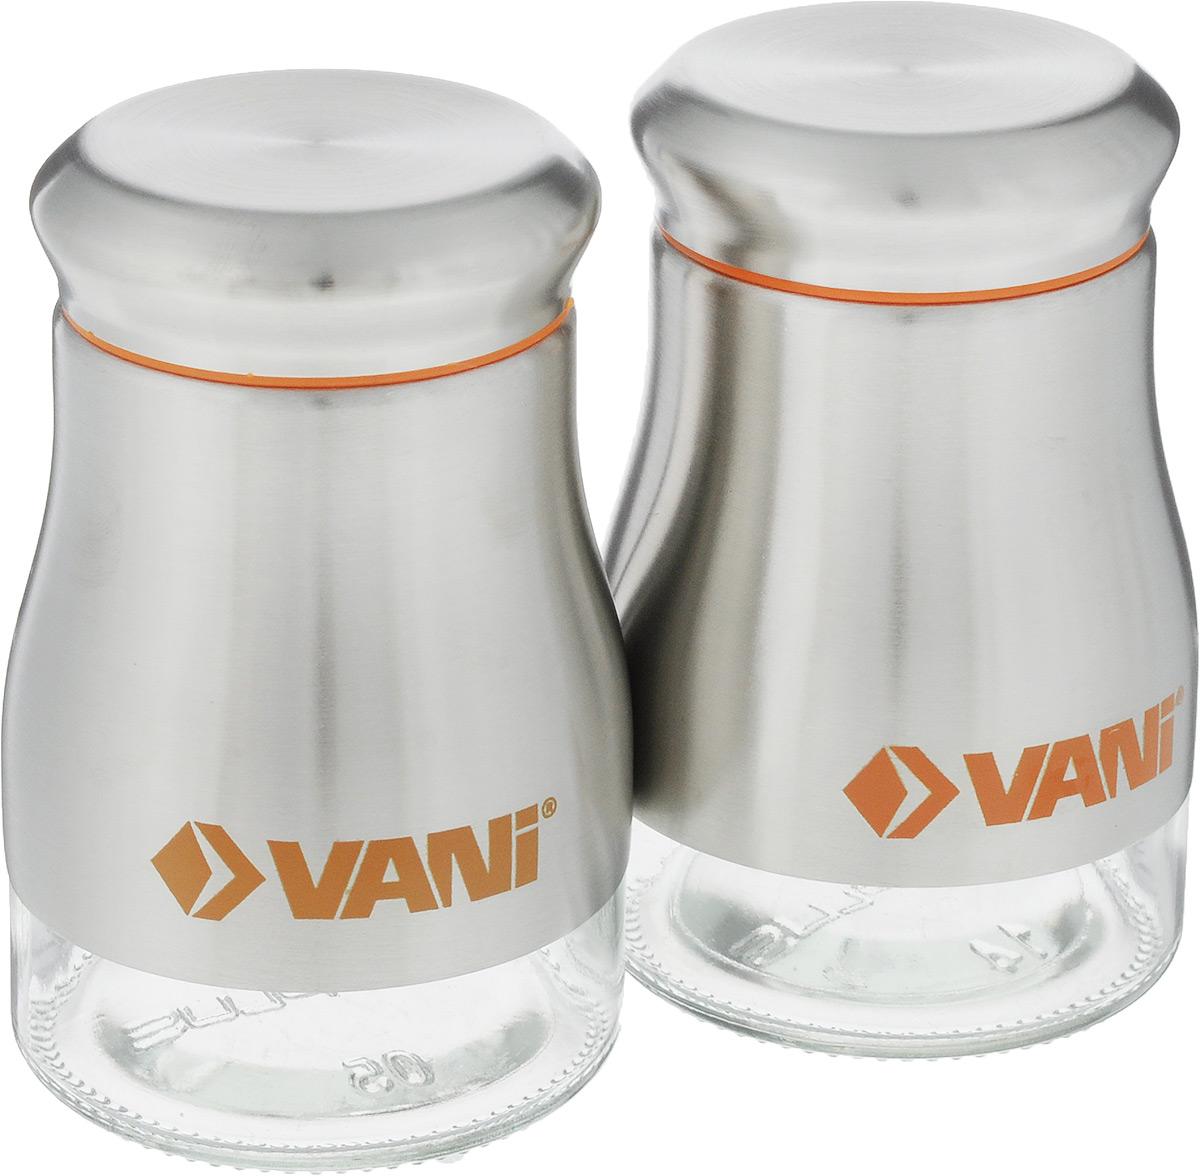 Набор банок для специй VANI, 150 мл, 2 штV9036Банки для специй VANI изготовлены из стекла с обрамлением из нержавеющей стали. Съемное сито оснащено отверстиями двух размеров. Банки оснащены плотно закрывающимися крышками из нержавеющей стали и пластика. Оригинальные баночки для специй сохранят свежесть и вкус ваших специй. Наслаждайтесь приготовлением пищи с набором для специй VANI. Во избежание повреждений поверхности не используйте для мытья металлические губки, абразивные материалы, хлор и кислотосодержащие очистители. Диаметр емкости (по верхнему краю): 4 см. Высота емкости (с учетом крышки): 9,5 см.